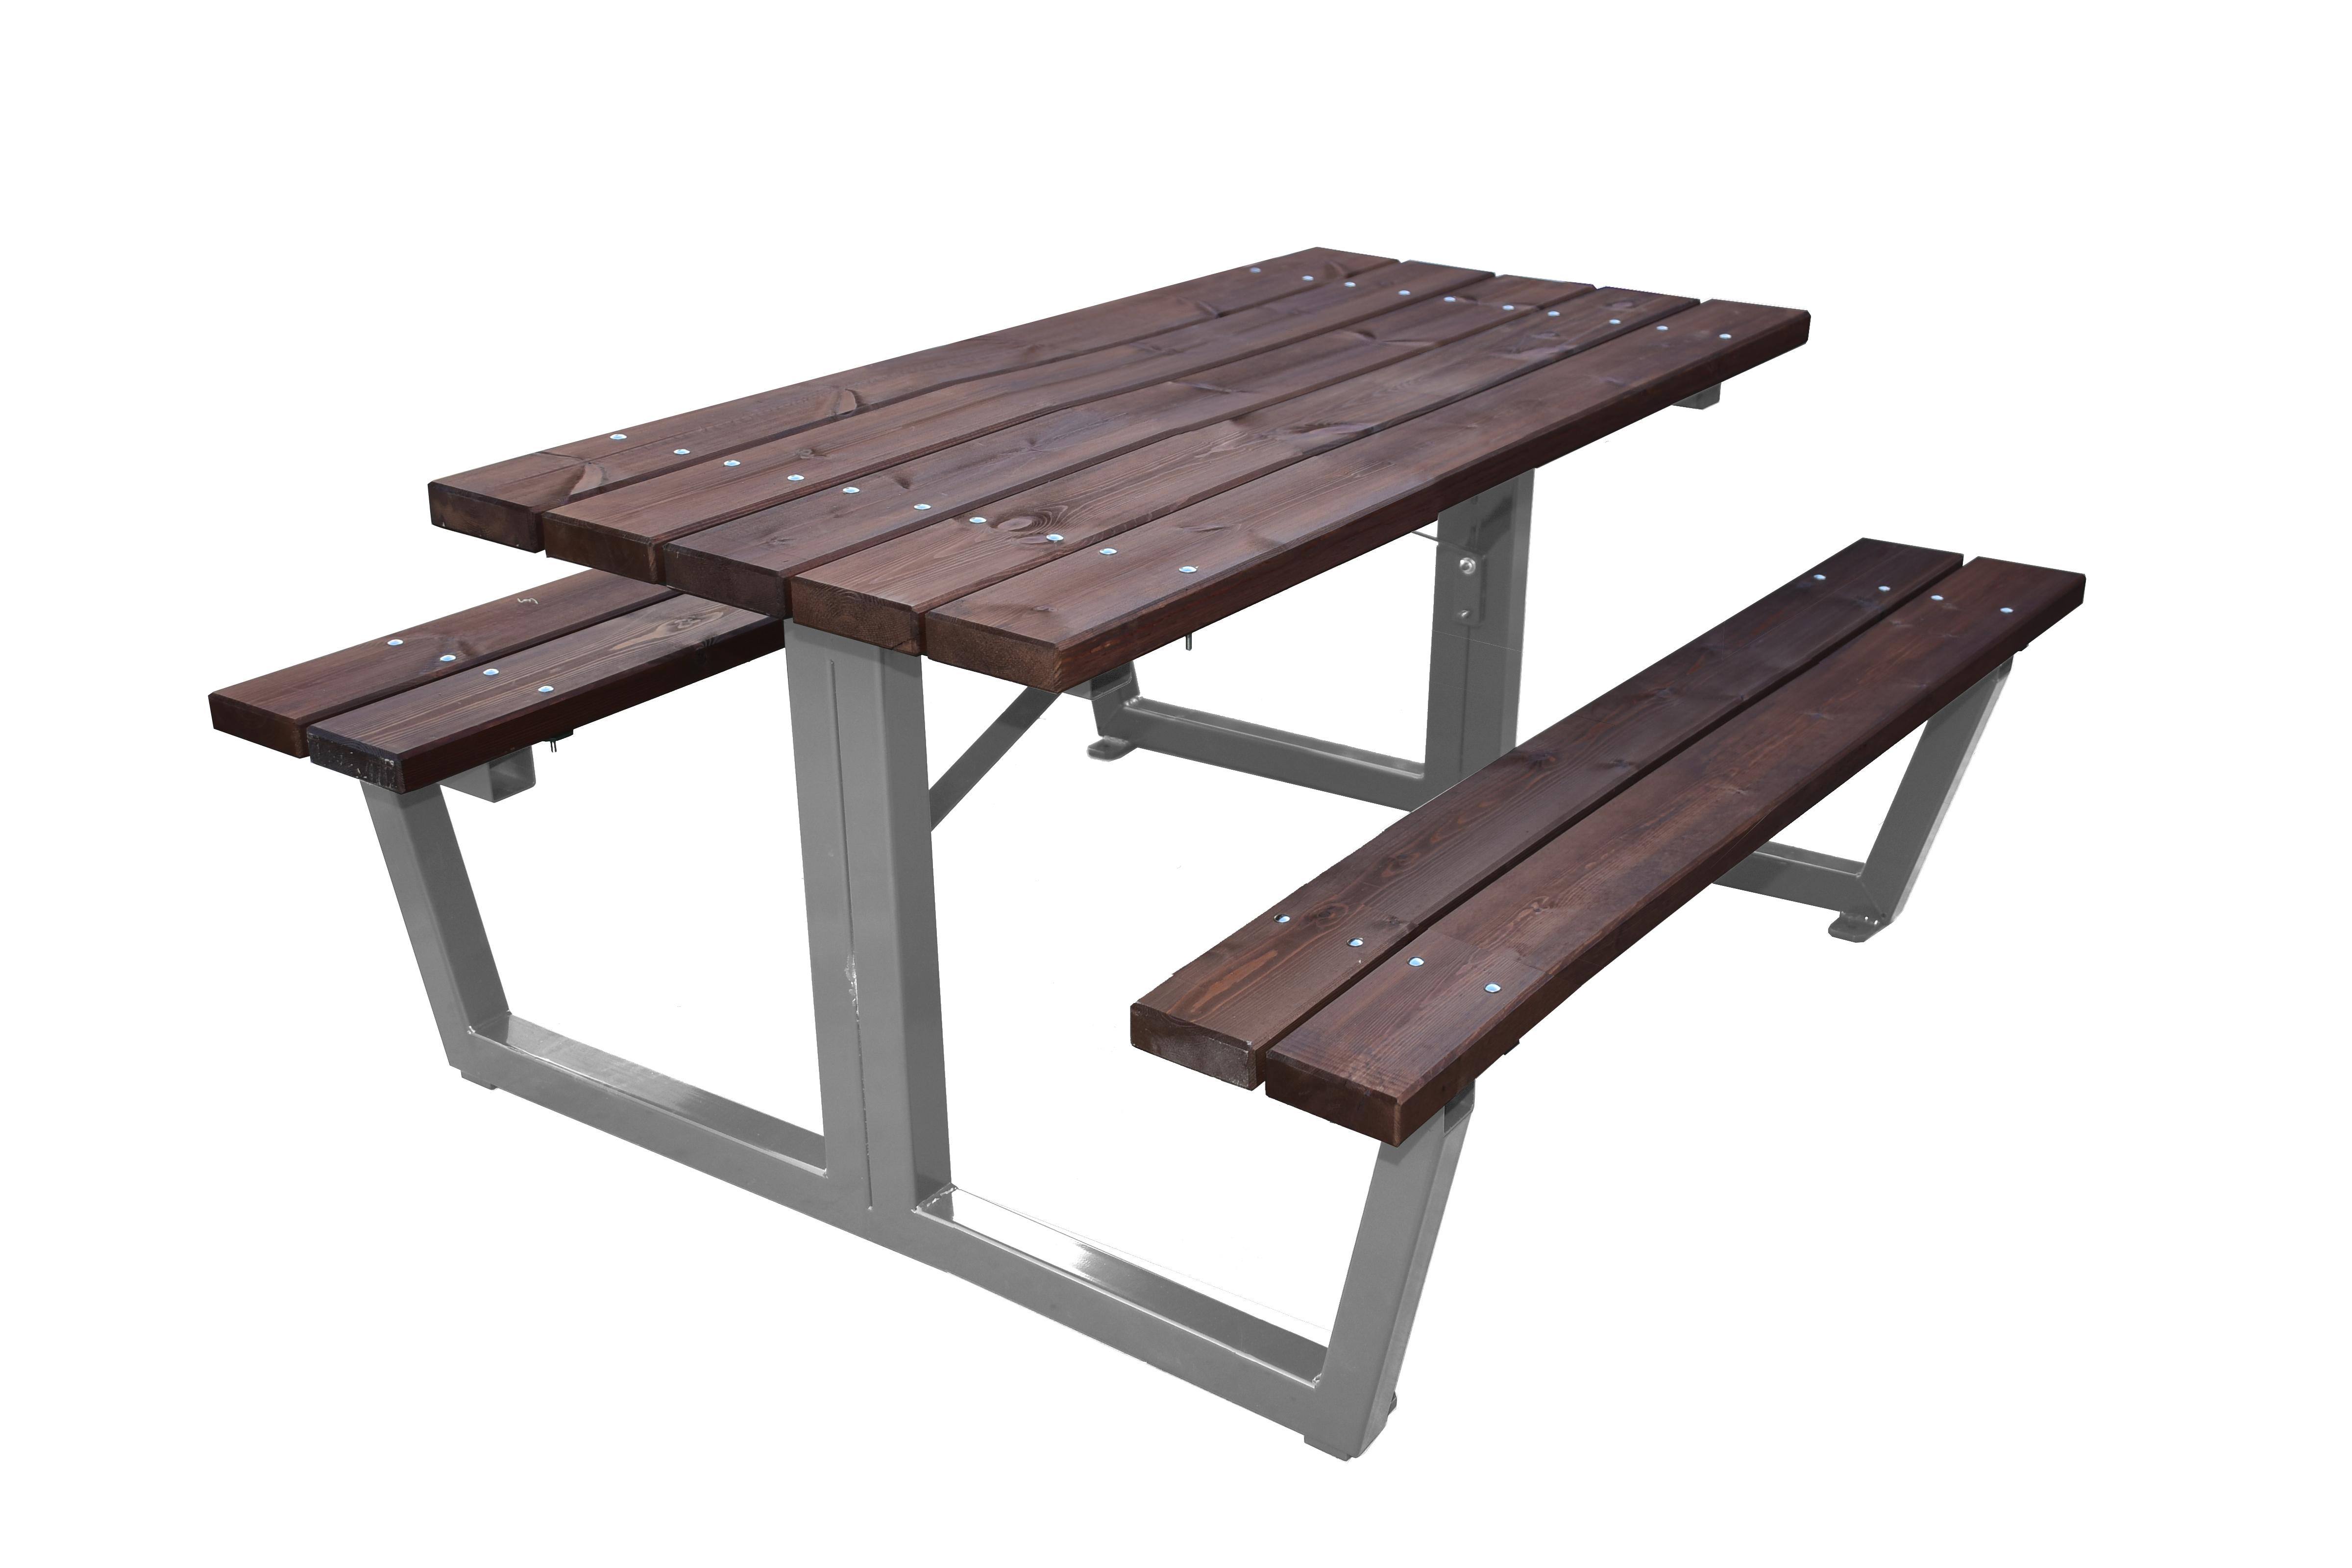 Mobiliario r stico de exterior tienda estrucmader - Mesas de madera de jardin ...